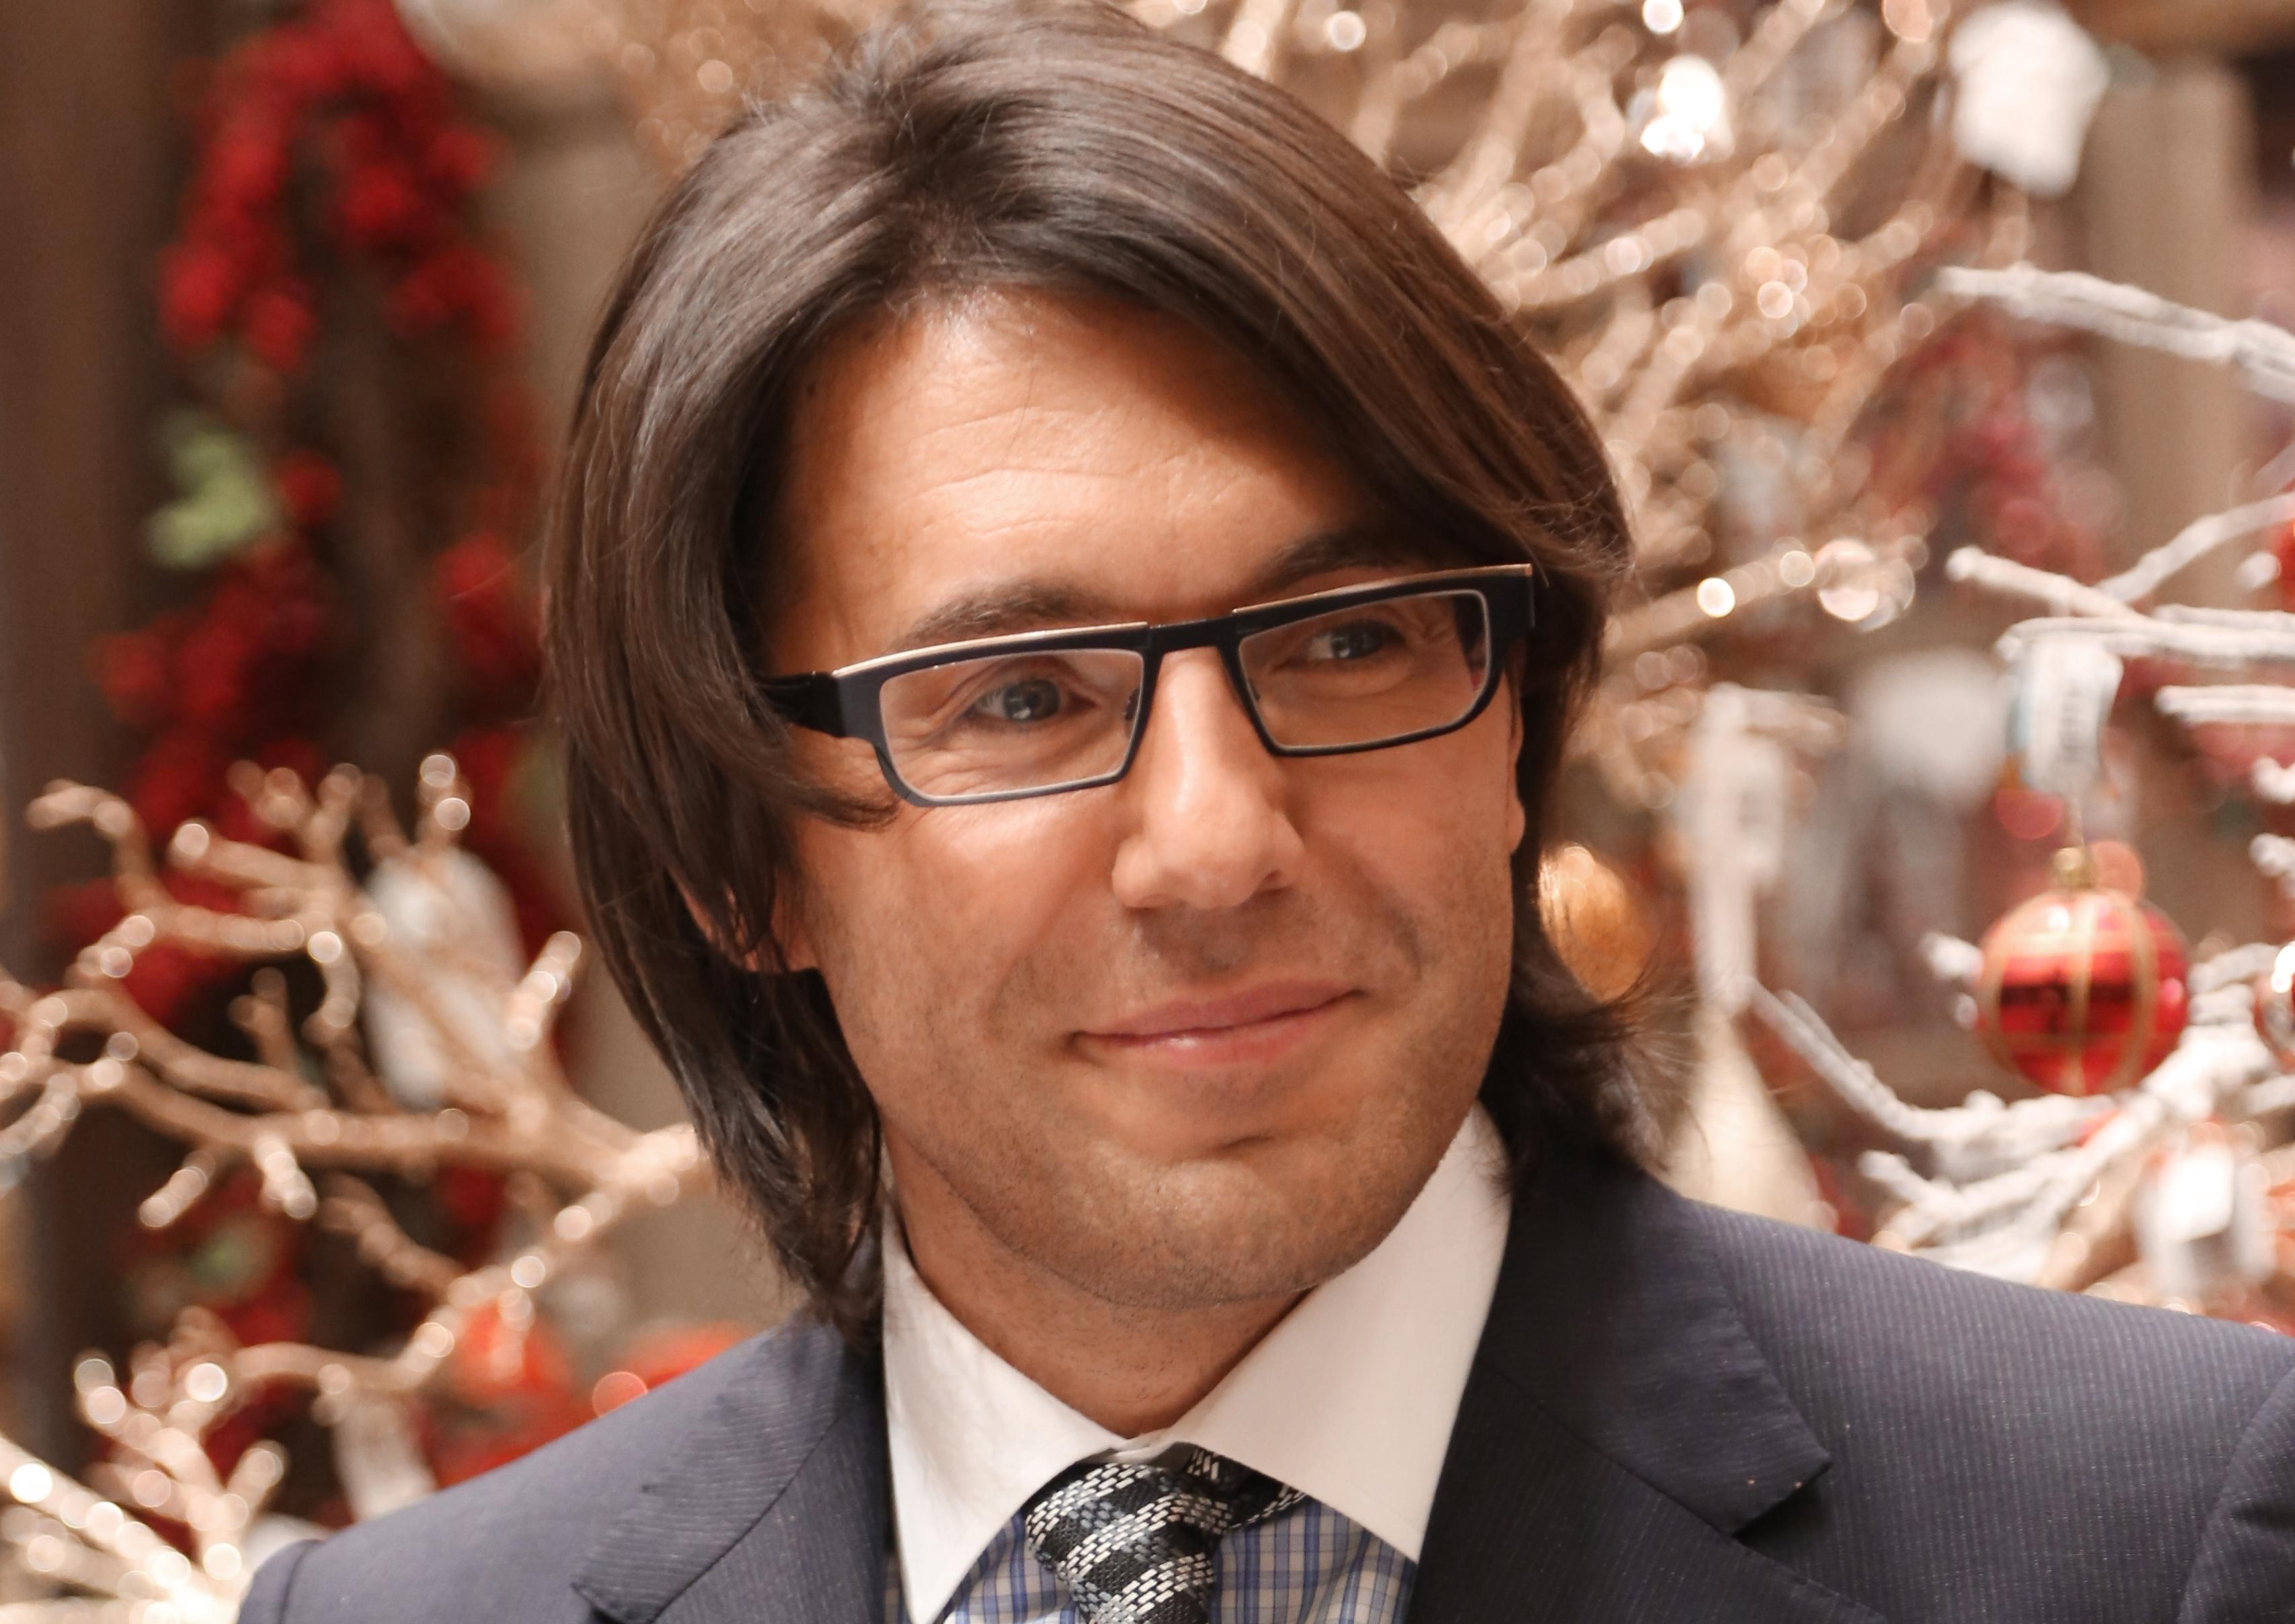 Андрей Малахов: личная жизнь, жена, дети